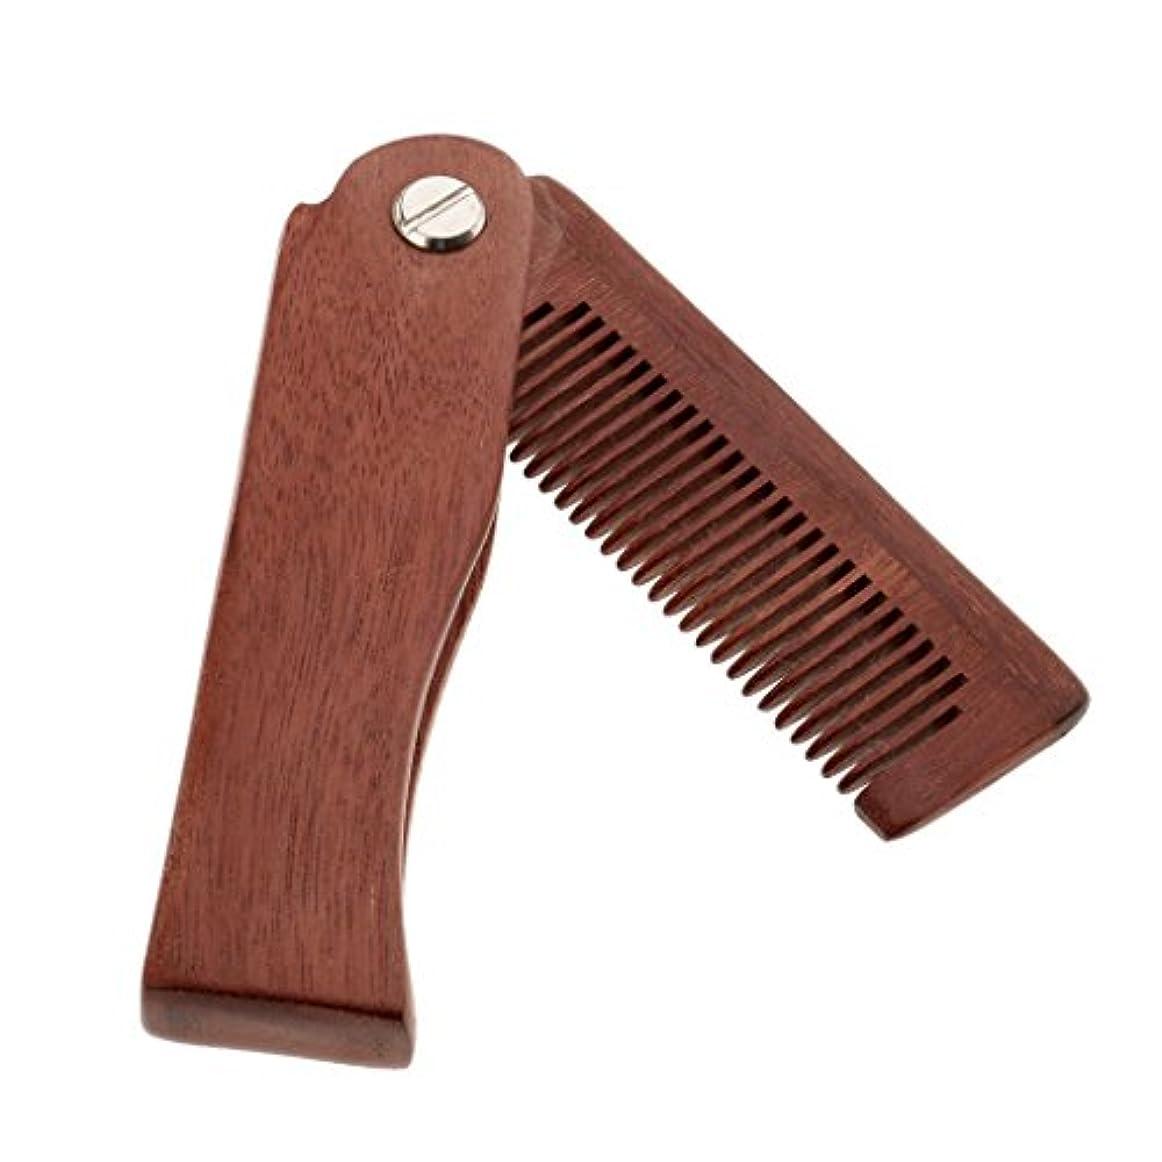 驚き保持戦艦ひげ剃り櫛 コーム 木製櫛 折りたたみ メンズ 毛ひげの櫛